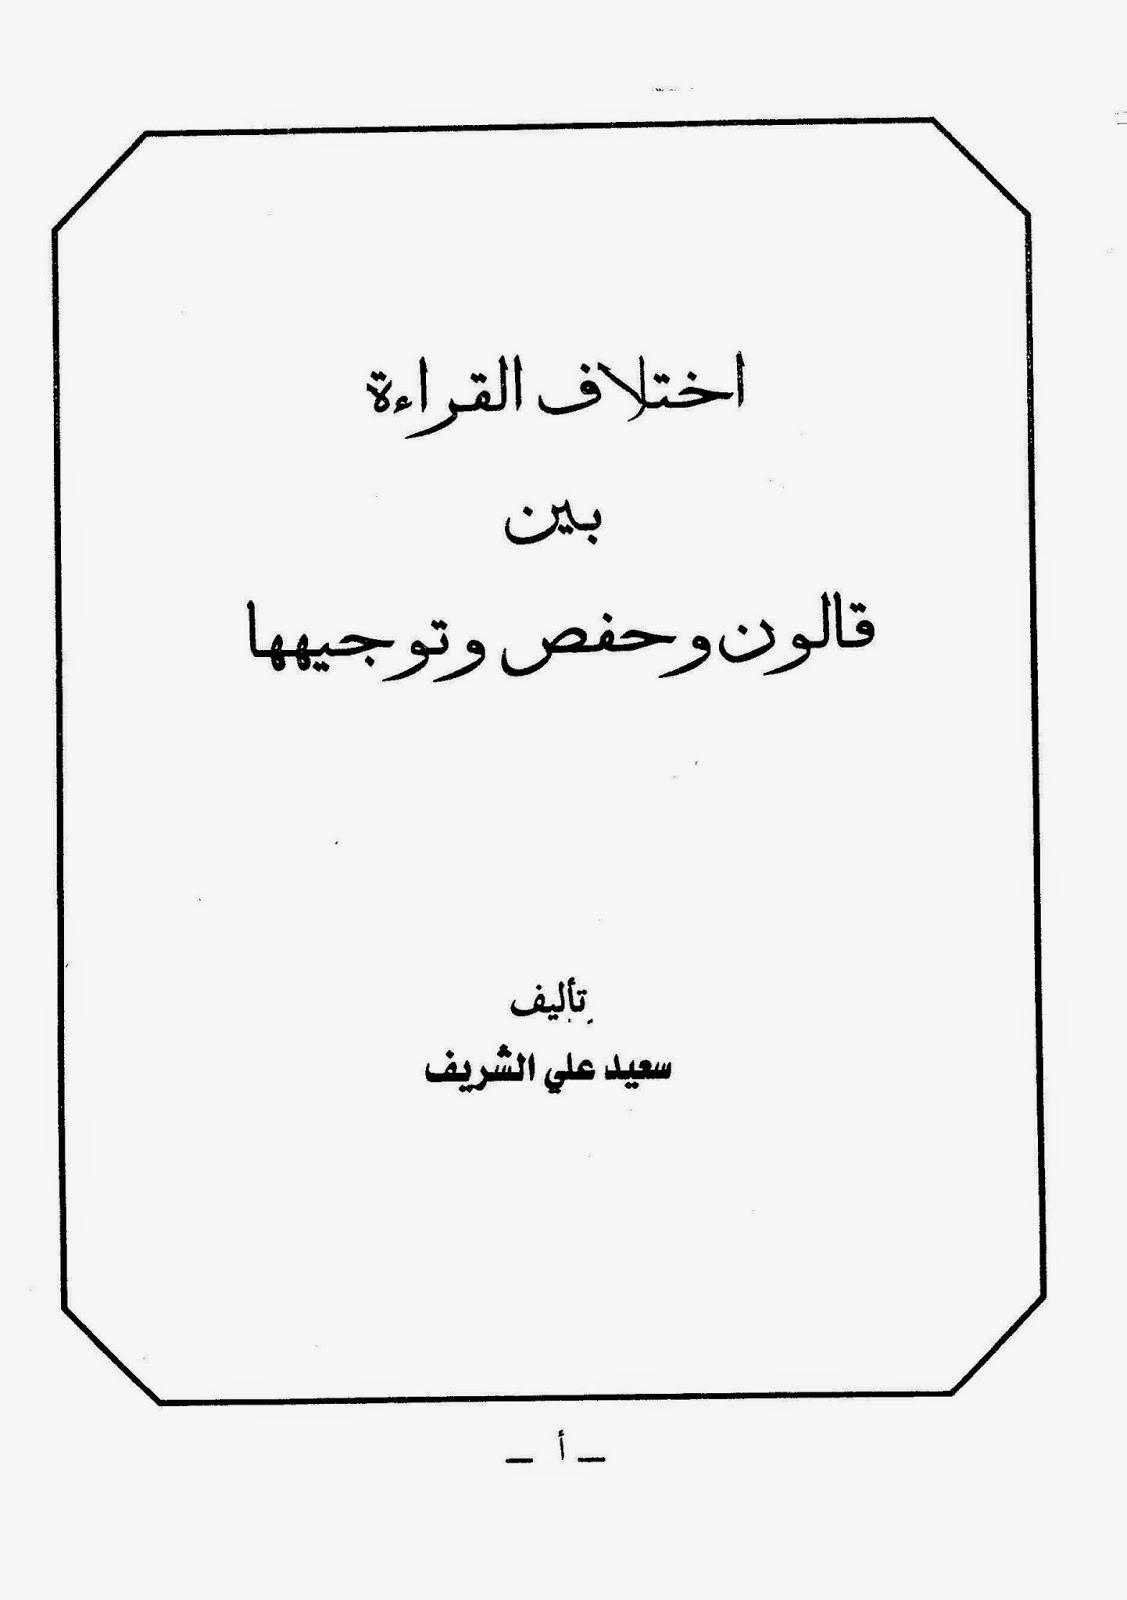 احتلاف القراءة بين قالون وحفص وتوجيهها - سعيد علي الشريف pdf